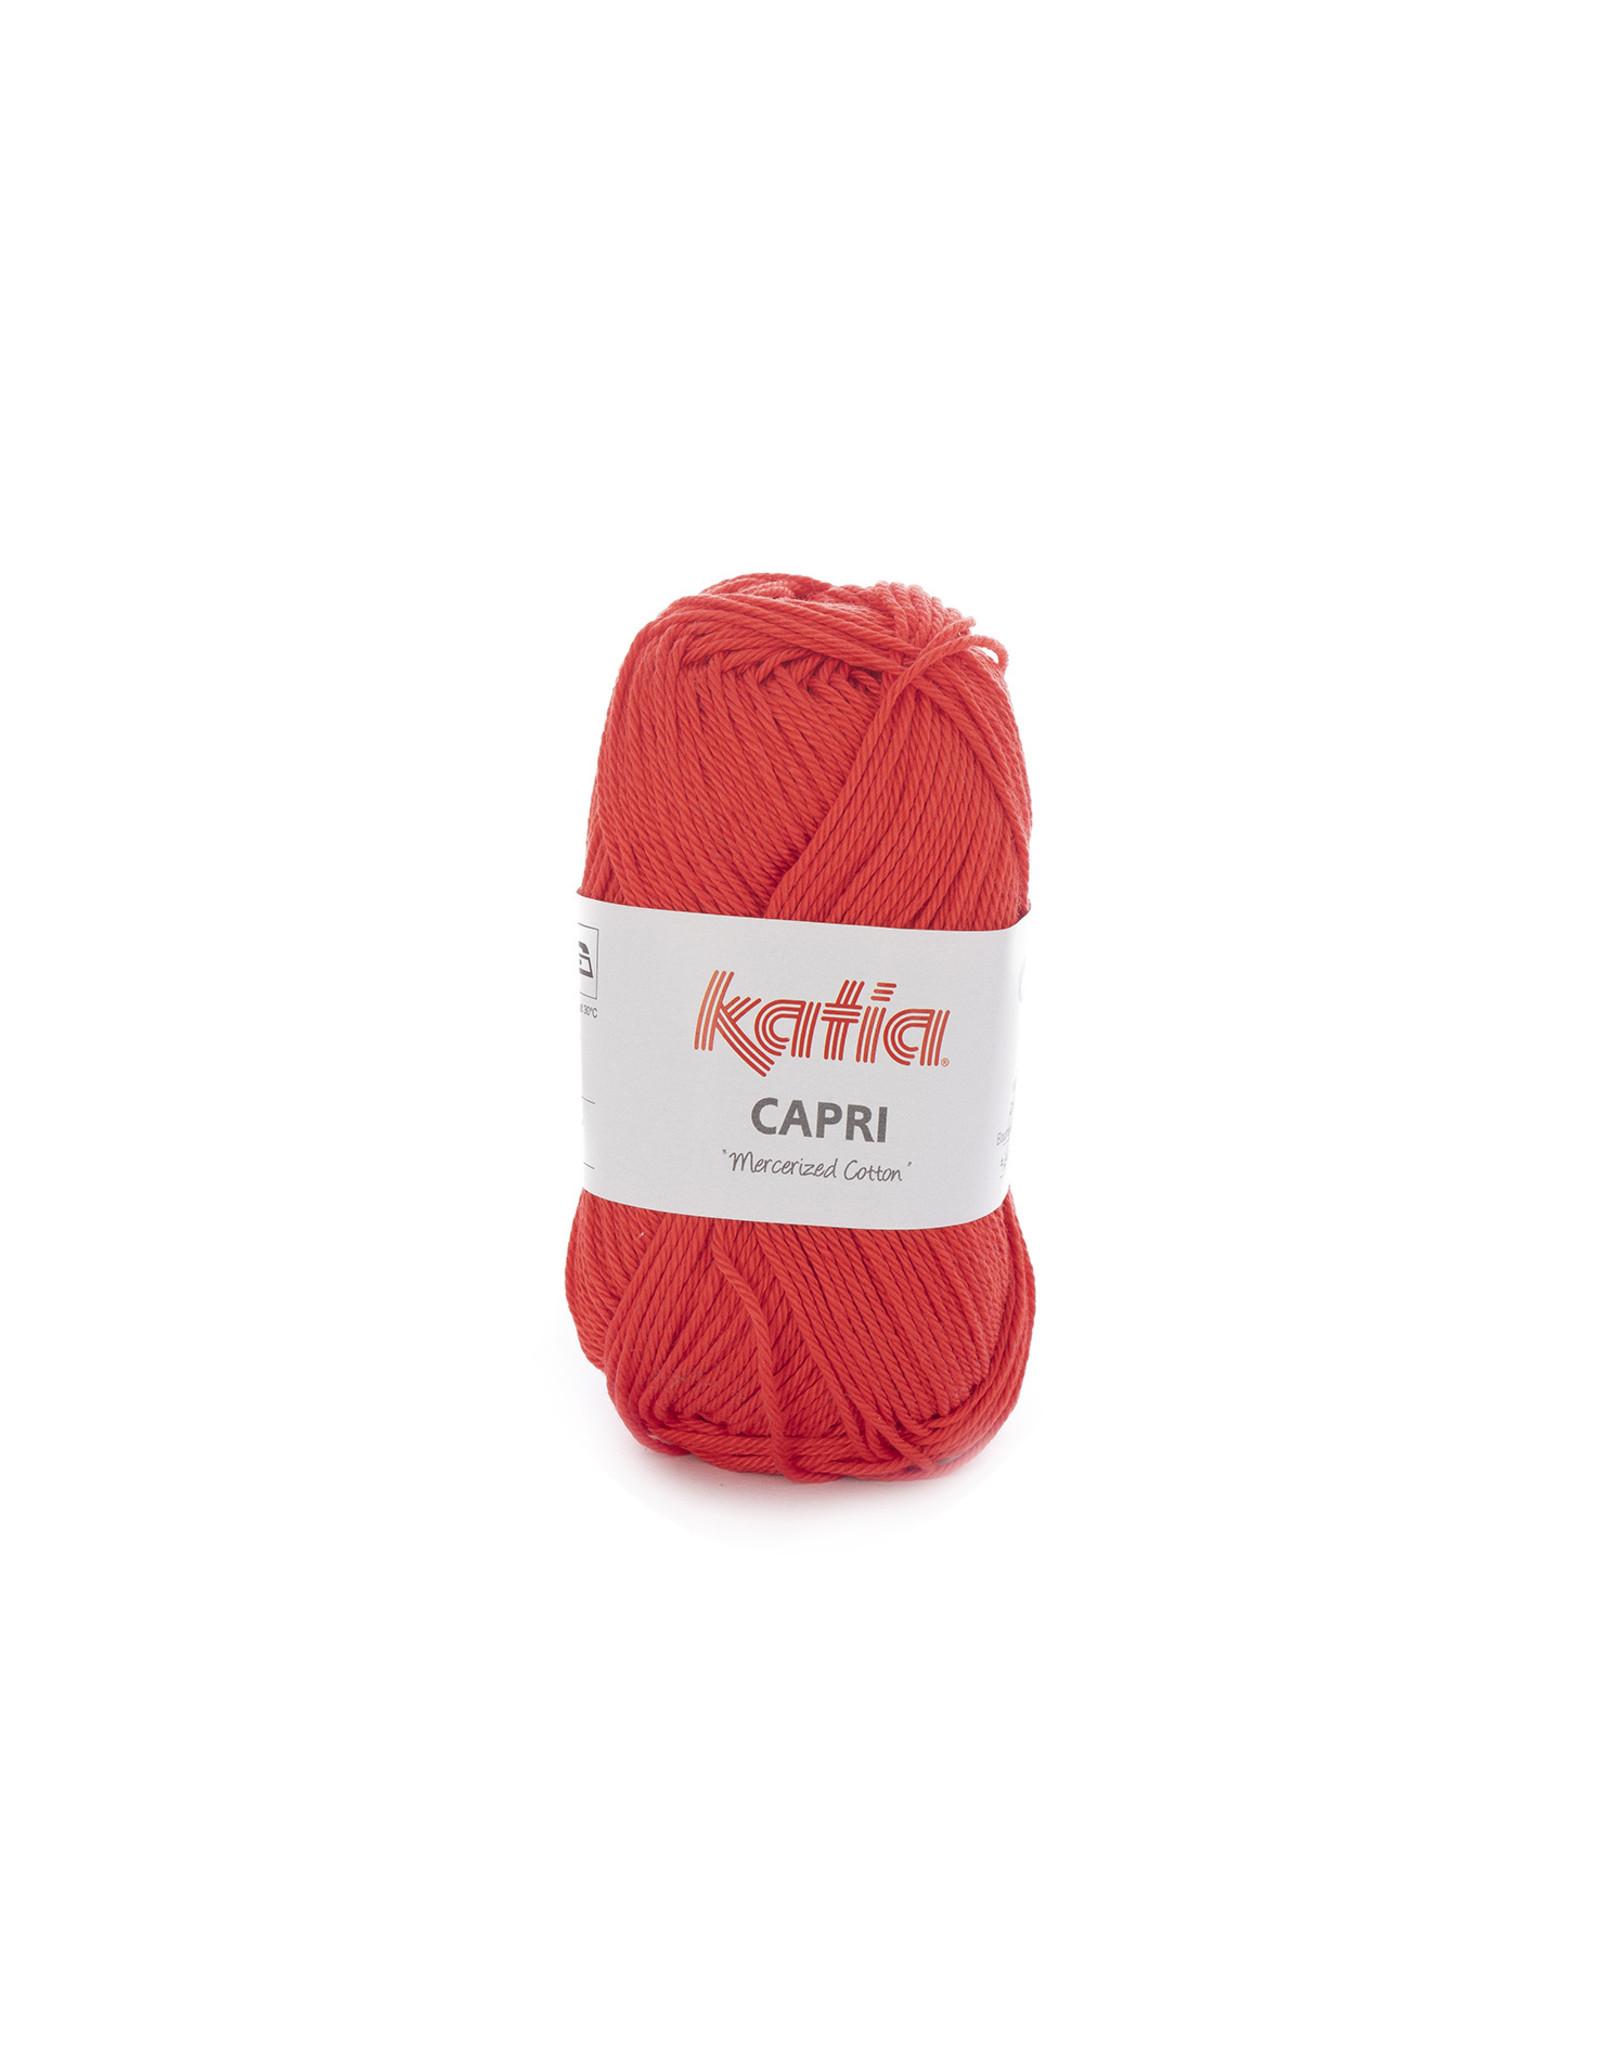 Katia Katia Capri - kleur 164 Koraal - bundel 5 x 50 gr. / 125 m. - 100% katoen